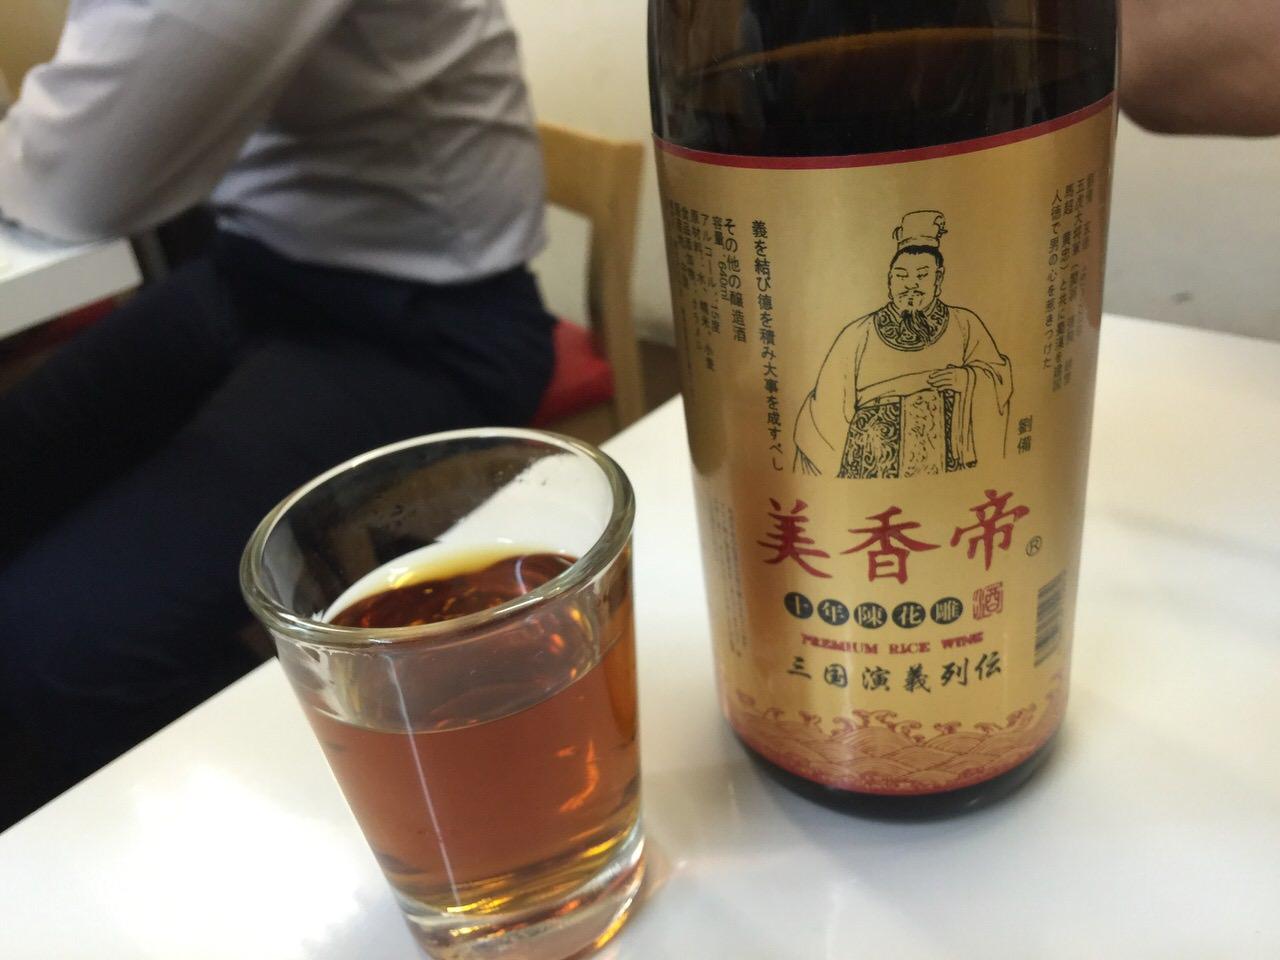 味坊(神田)ラム・羊肉 18